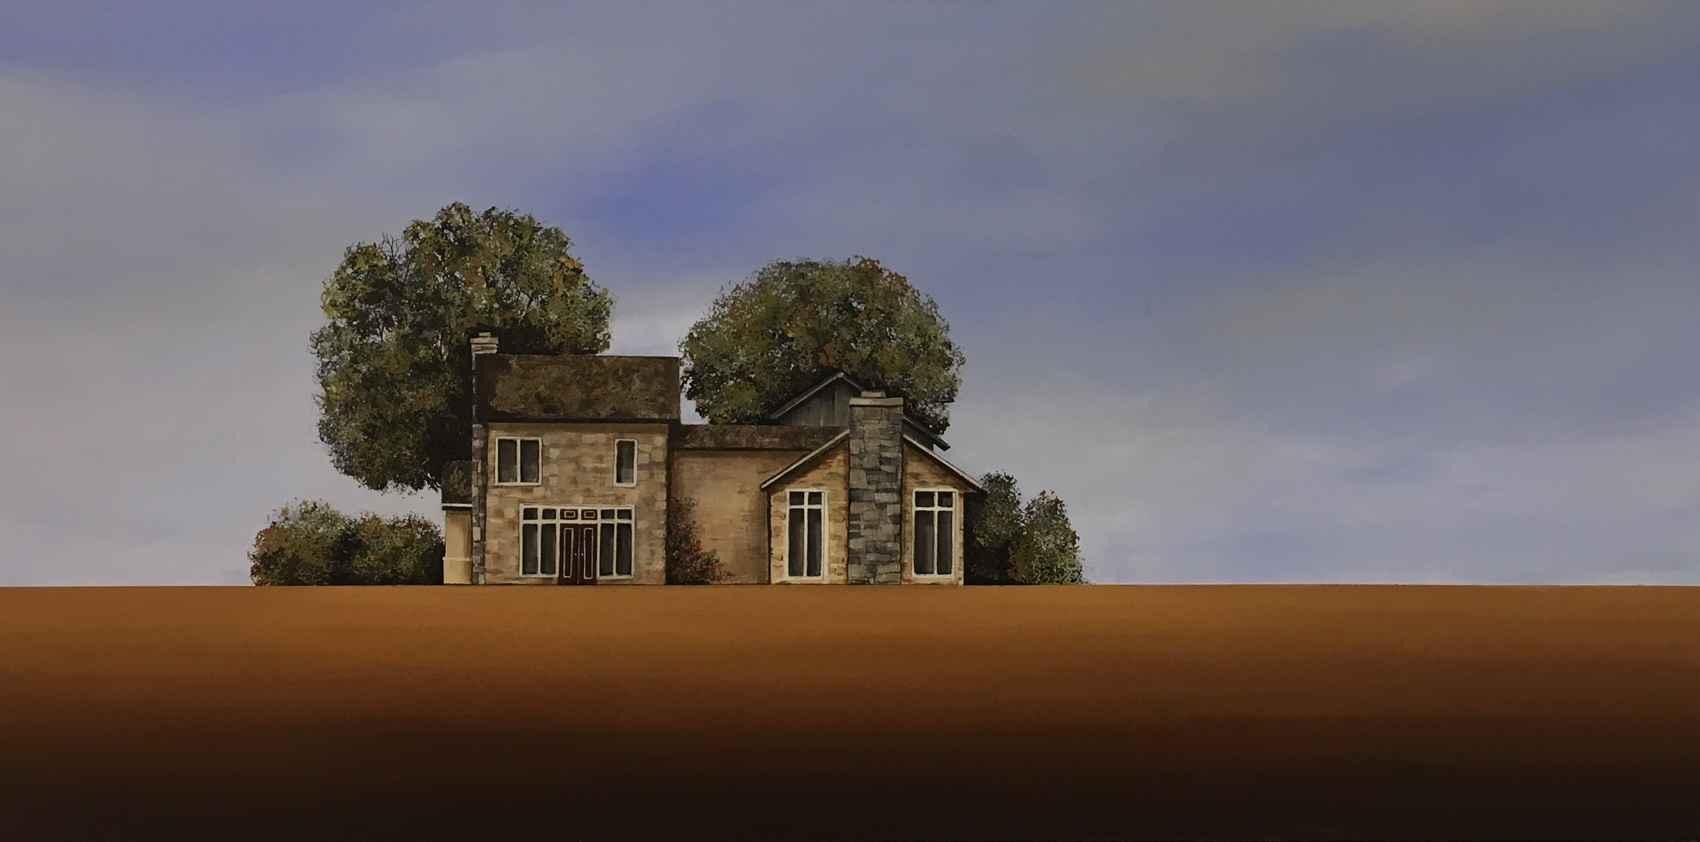 Stone Cottage by  Janet Liesemer - Masterpiece Online